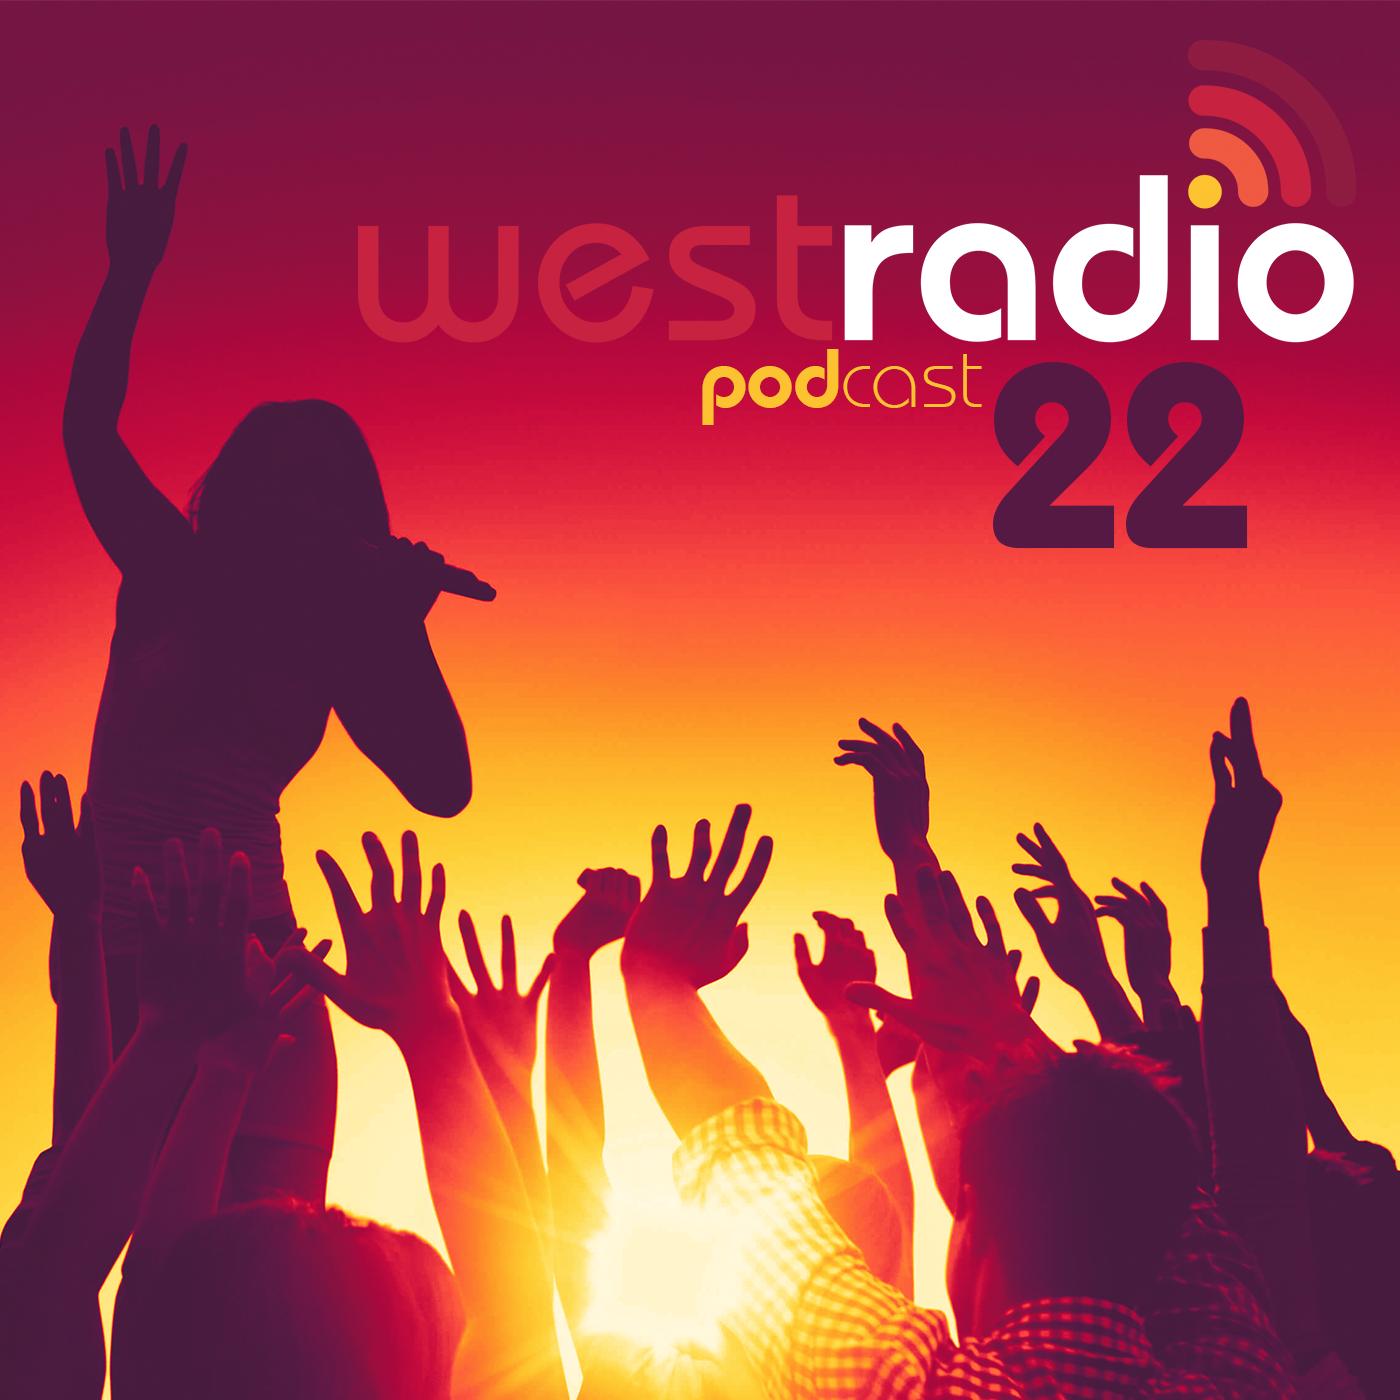 WestRadio - Podcast - 22